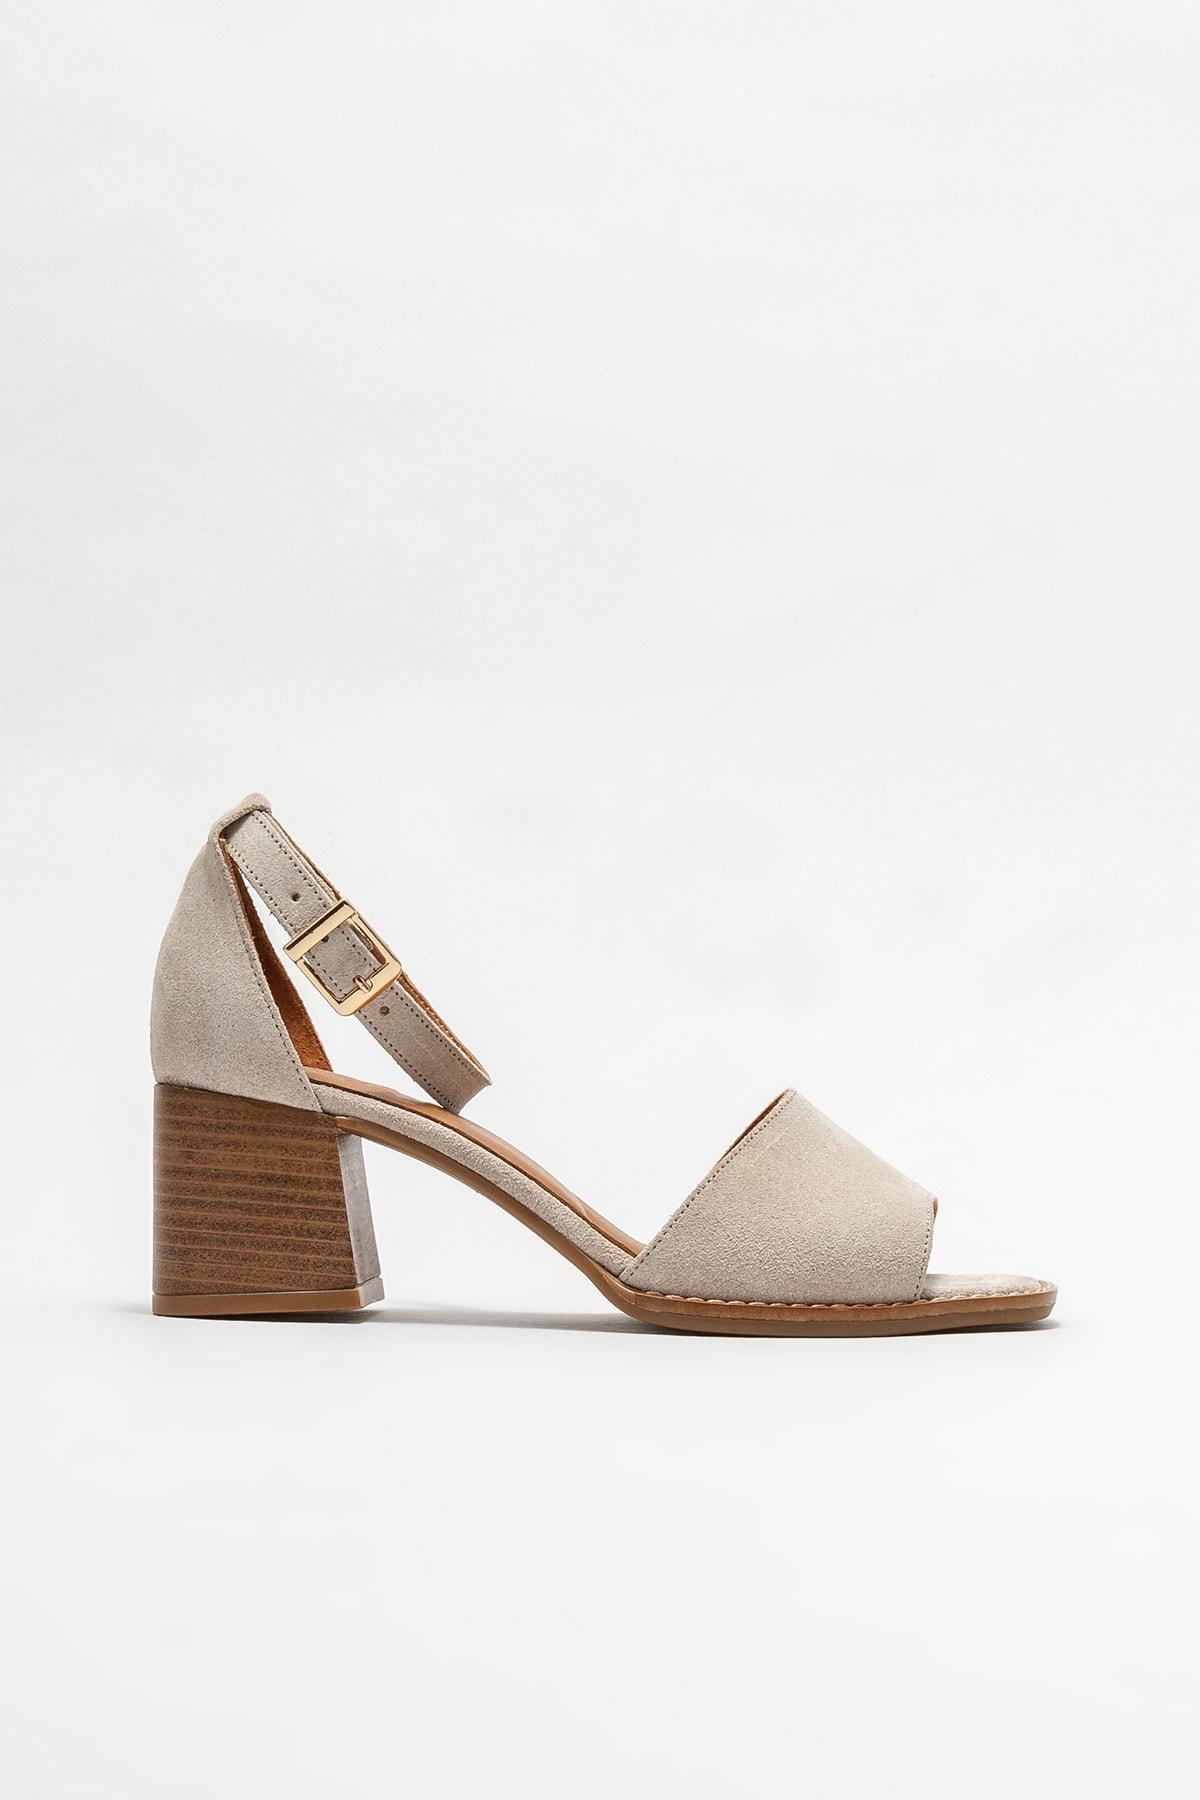 Bej Deri Kadın Topuklu Sandalet